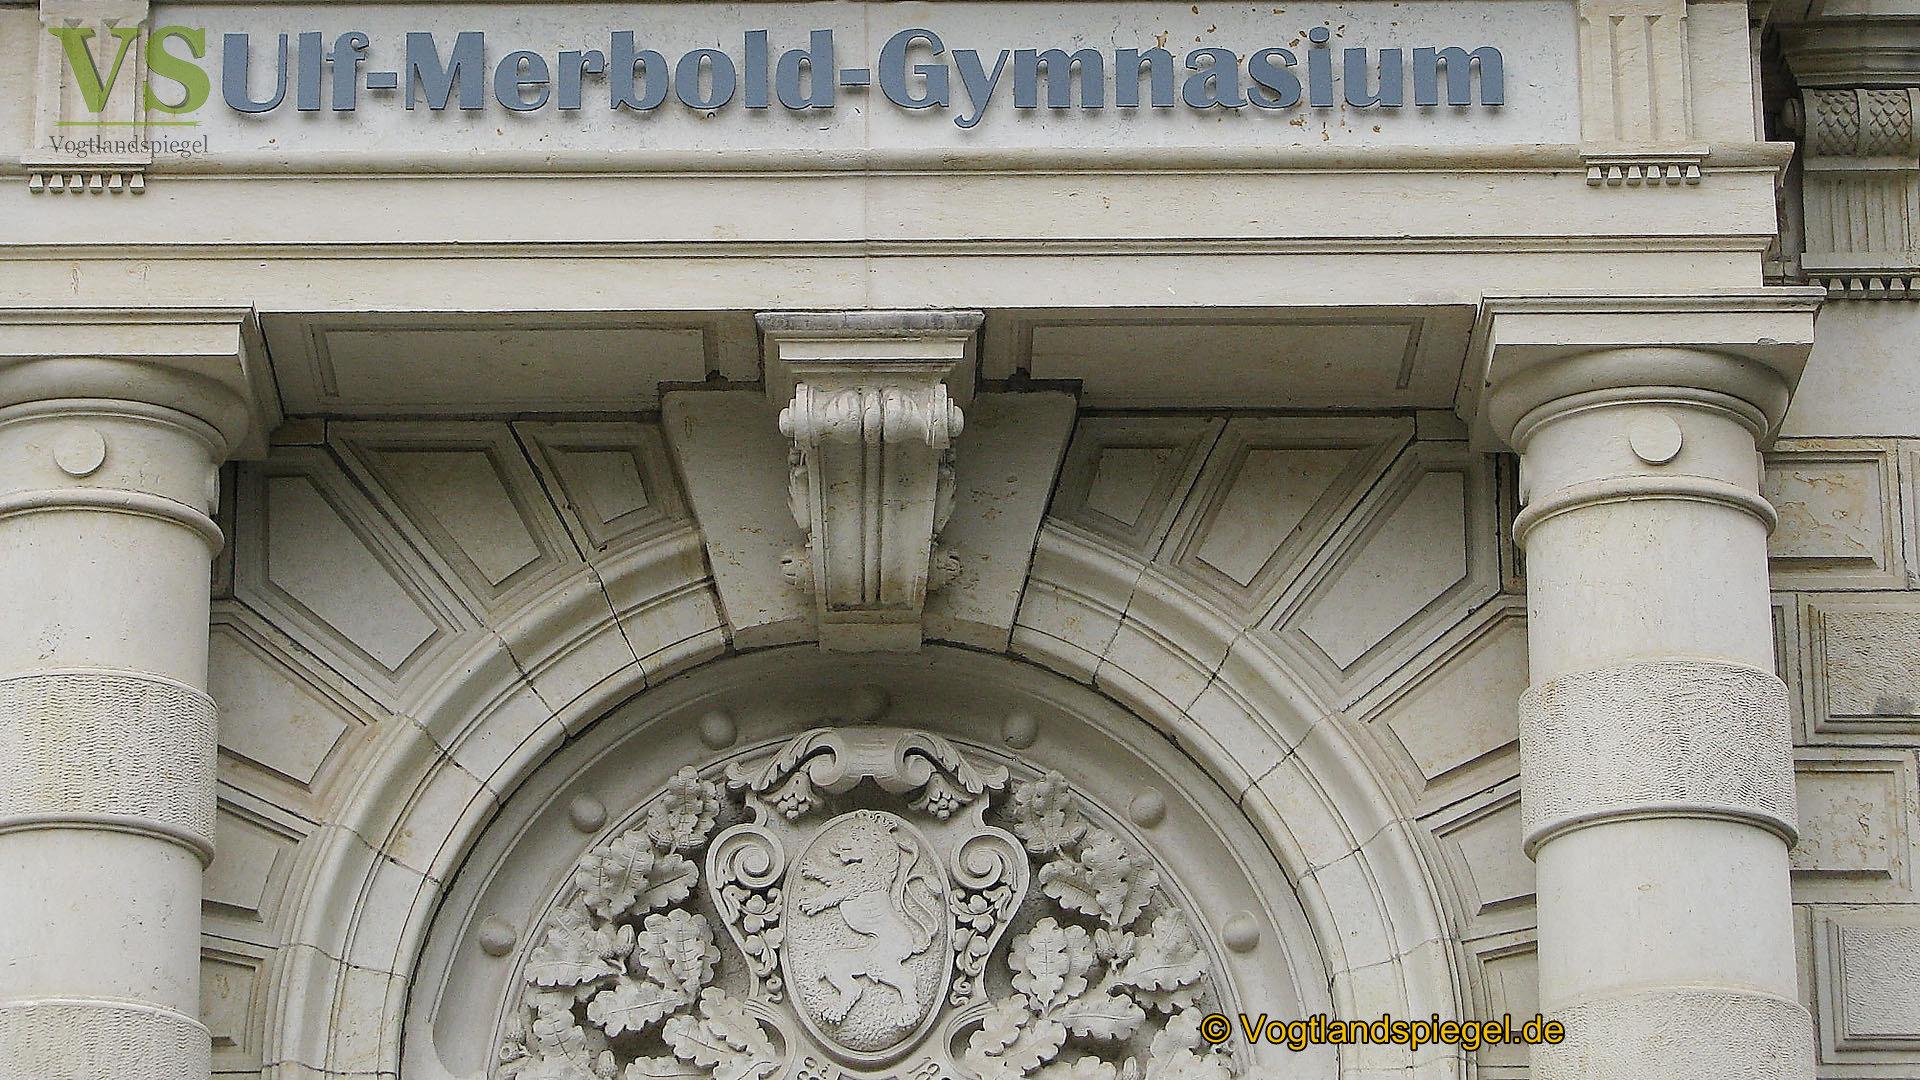 Party für Ulf-Merbold-Gymnasium